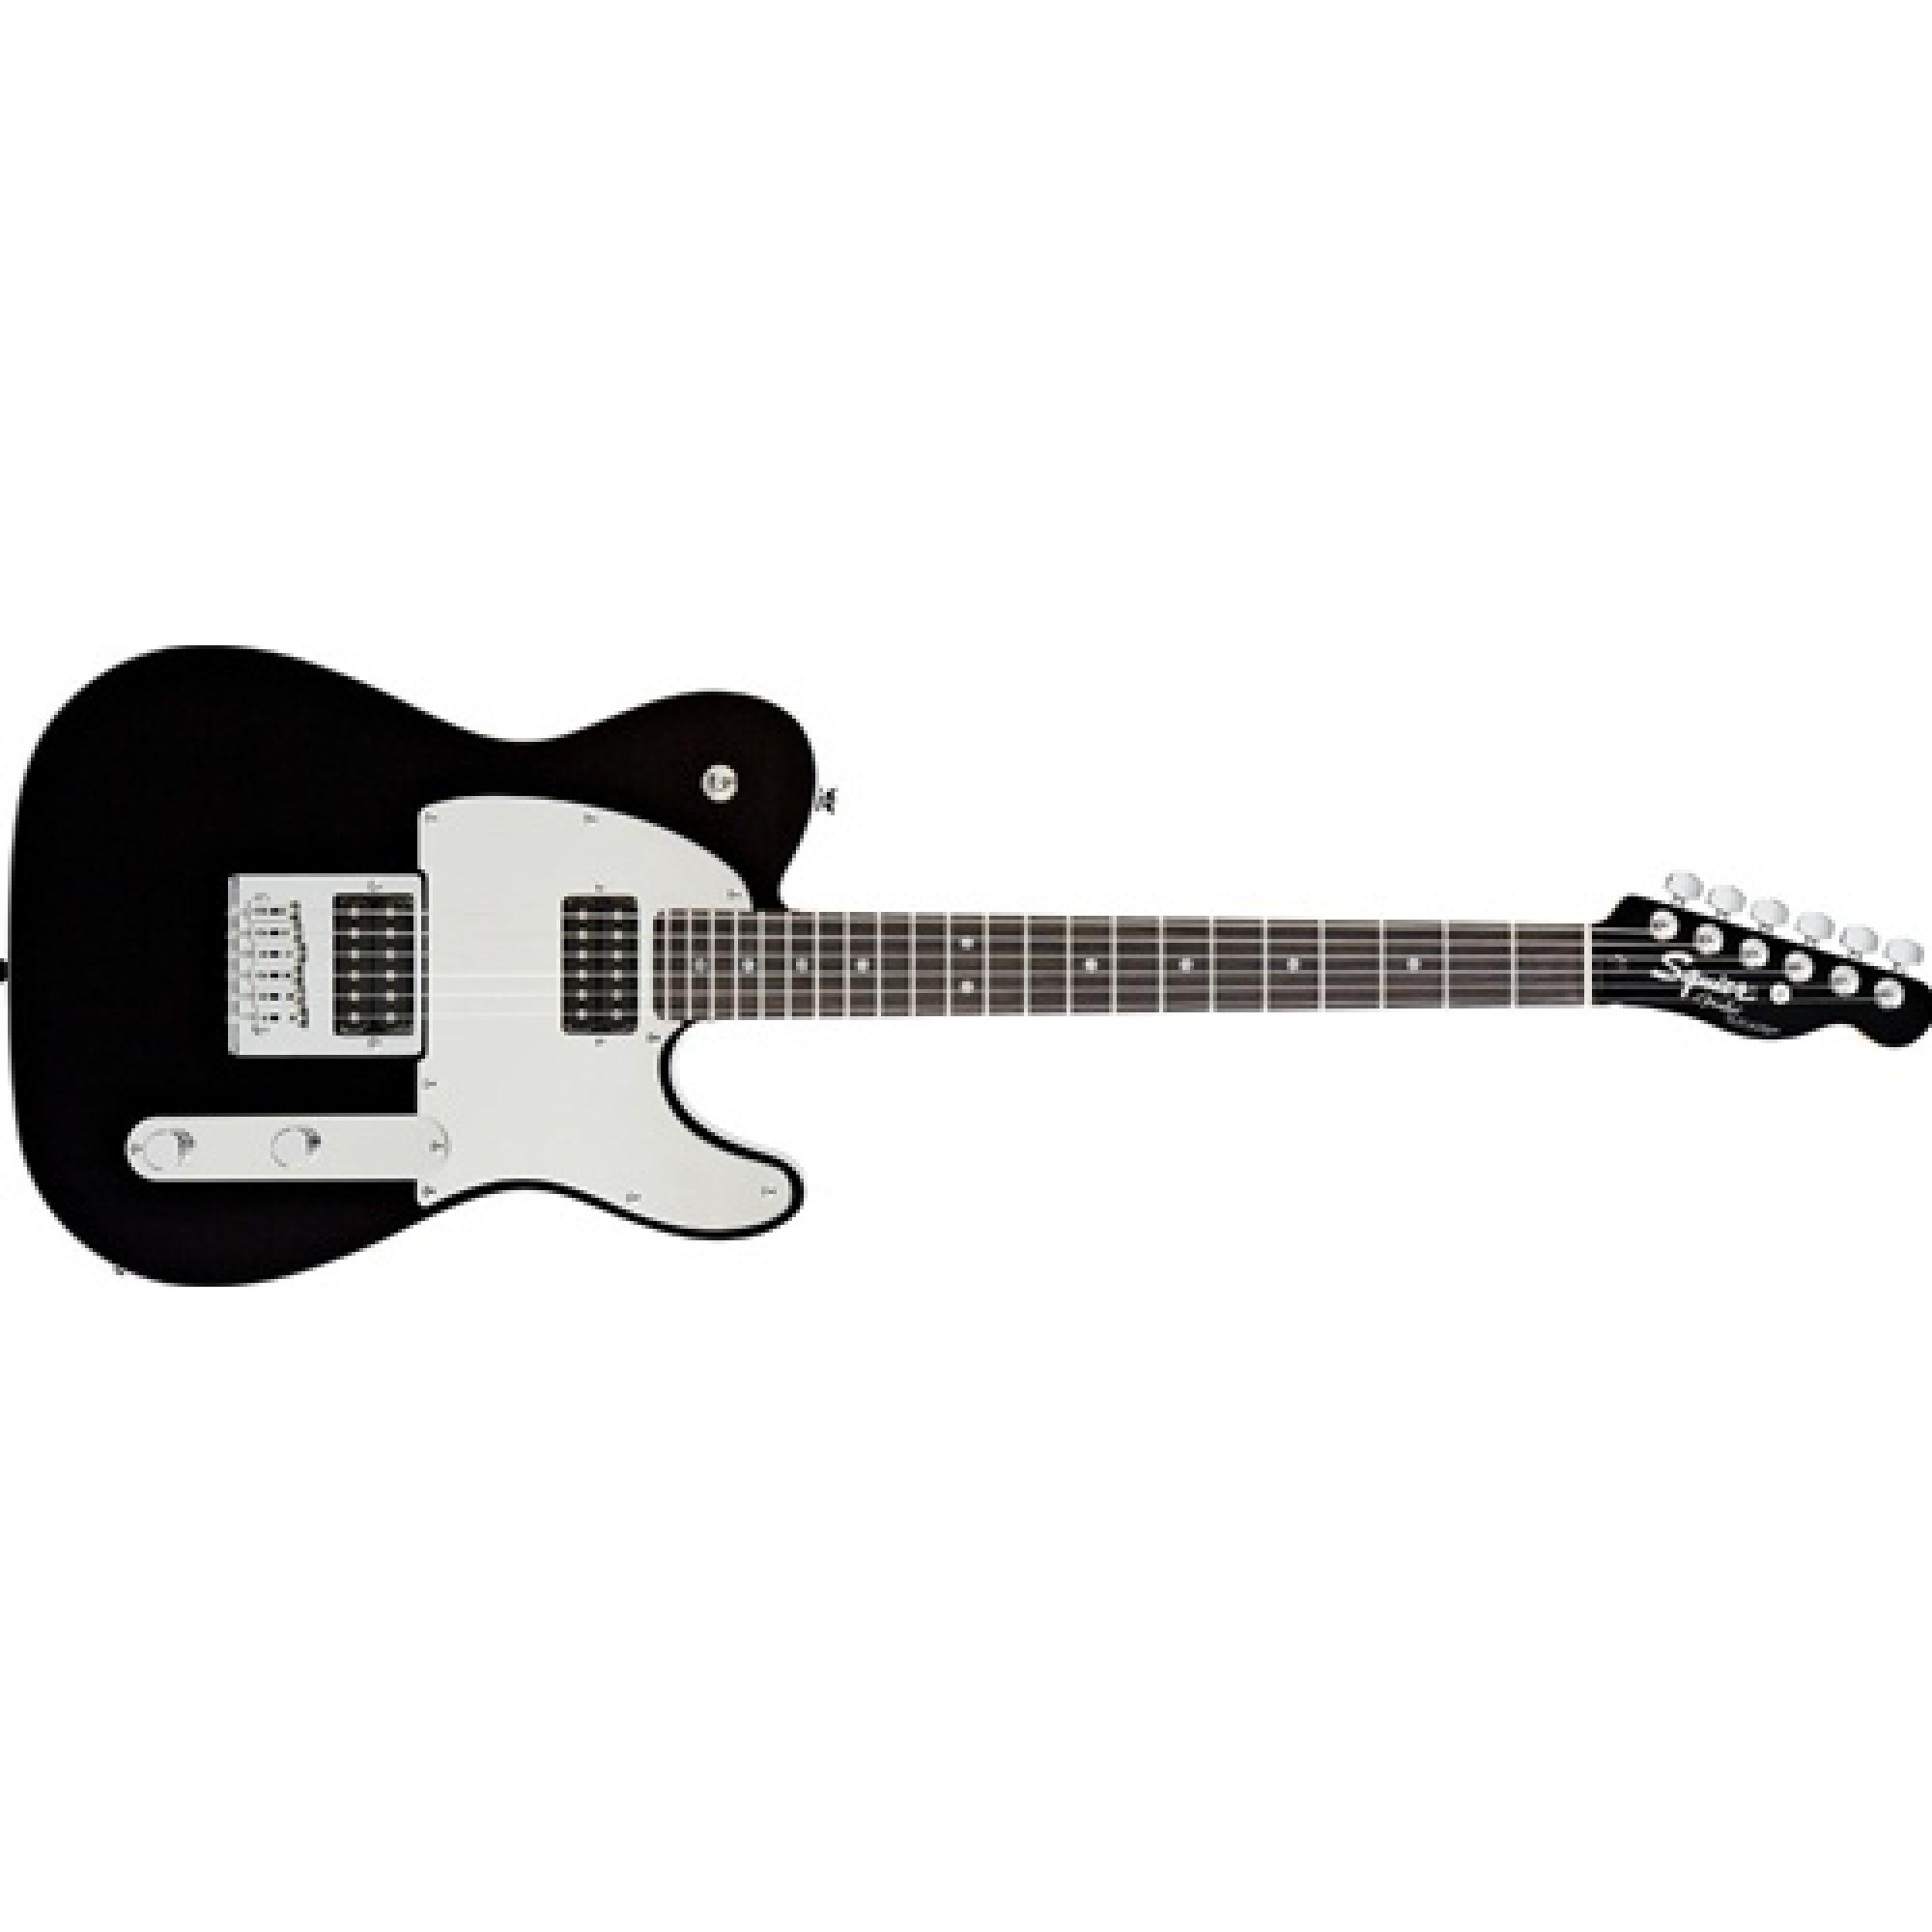 2000x2000 Fender Squier J5 Signature Tele Electric Guitar Black John 5